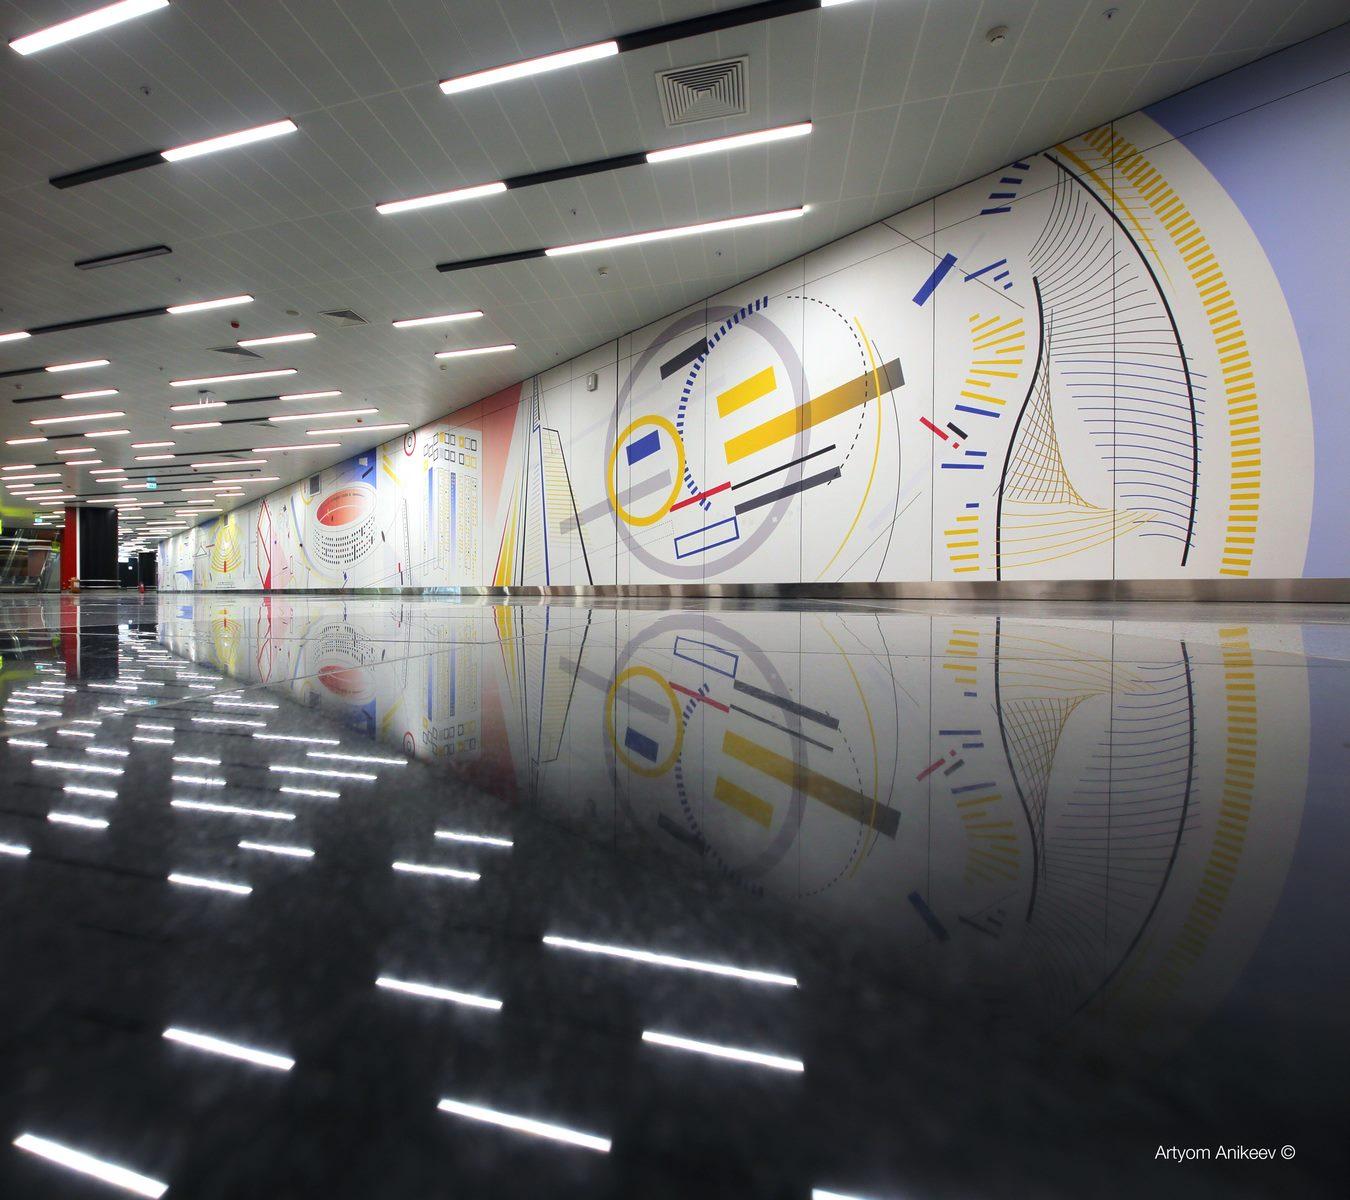 La historia y cultura rusa reflejada en el Aeropuerto de Moscú 9